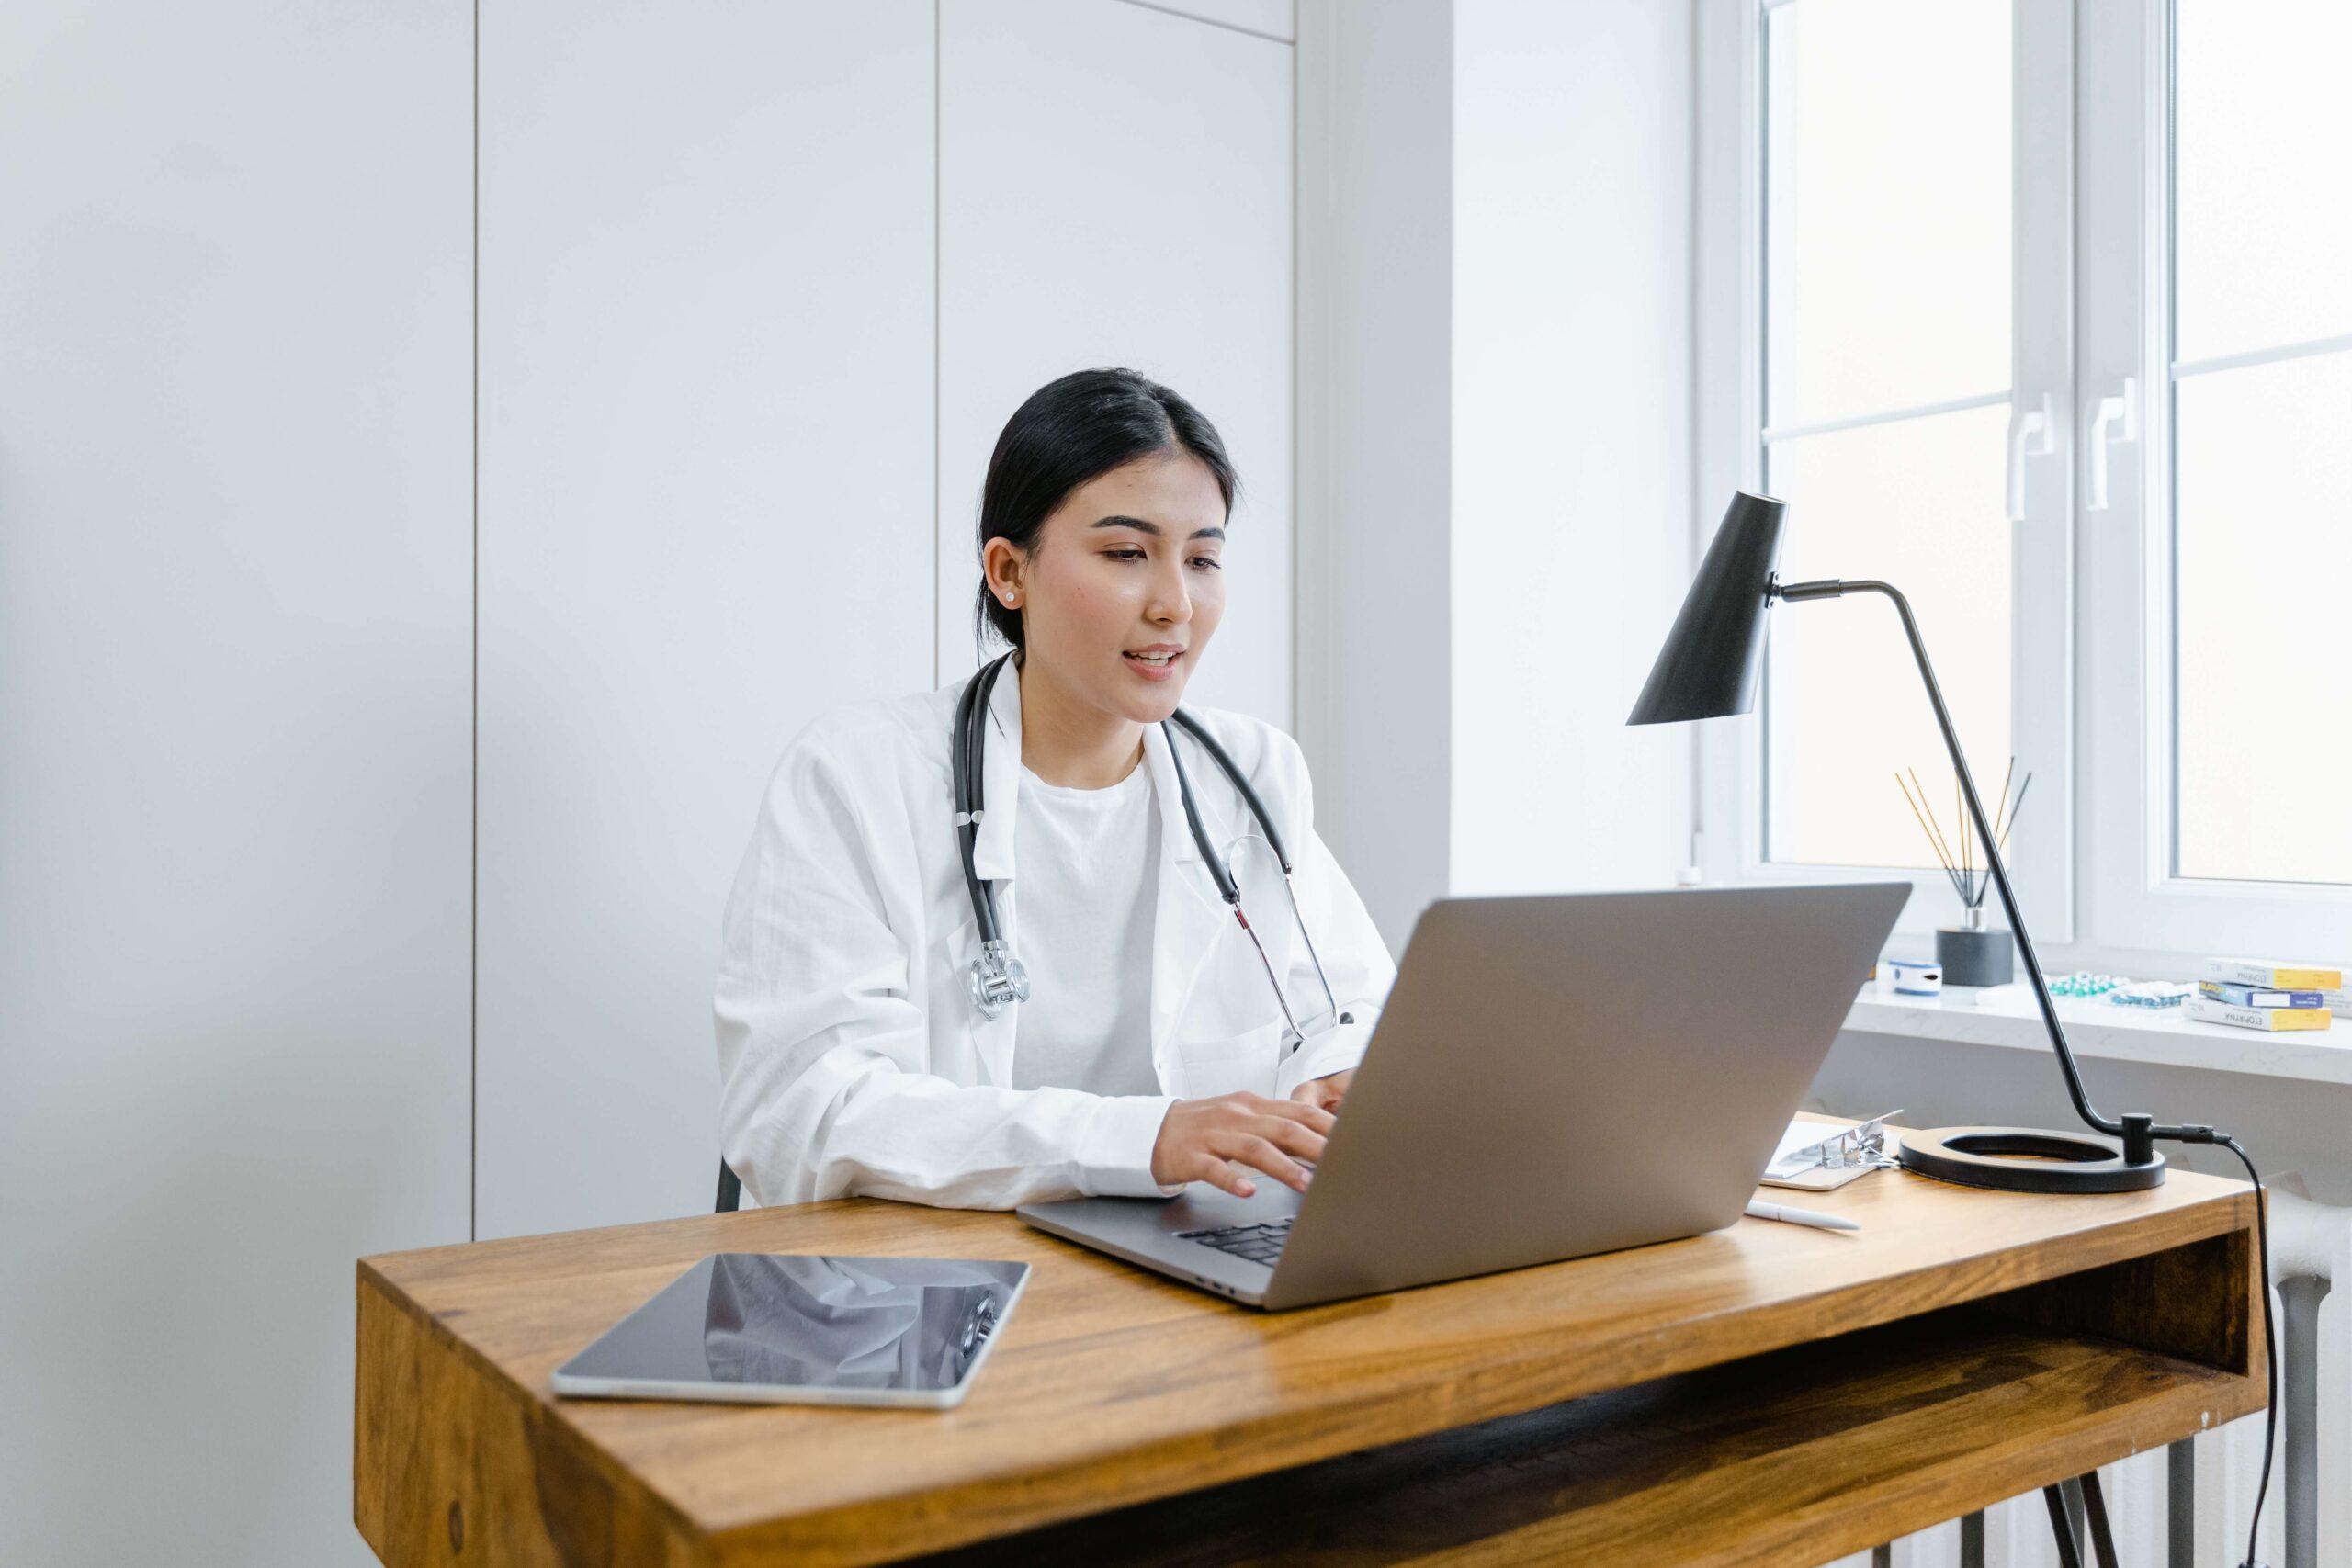 medical-apps-for-doctors